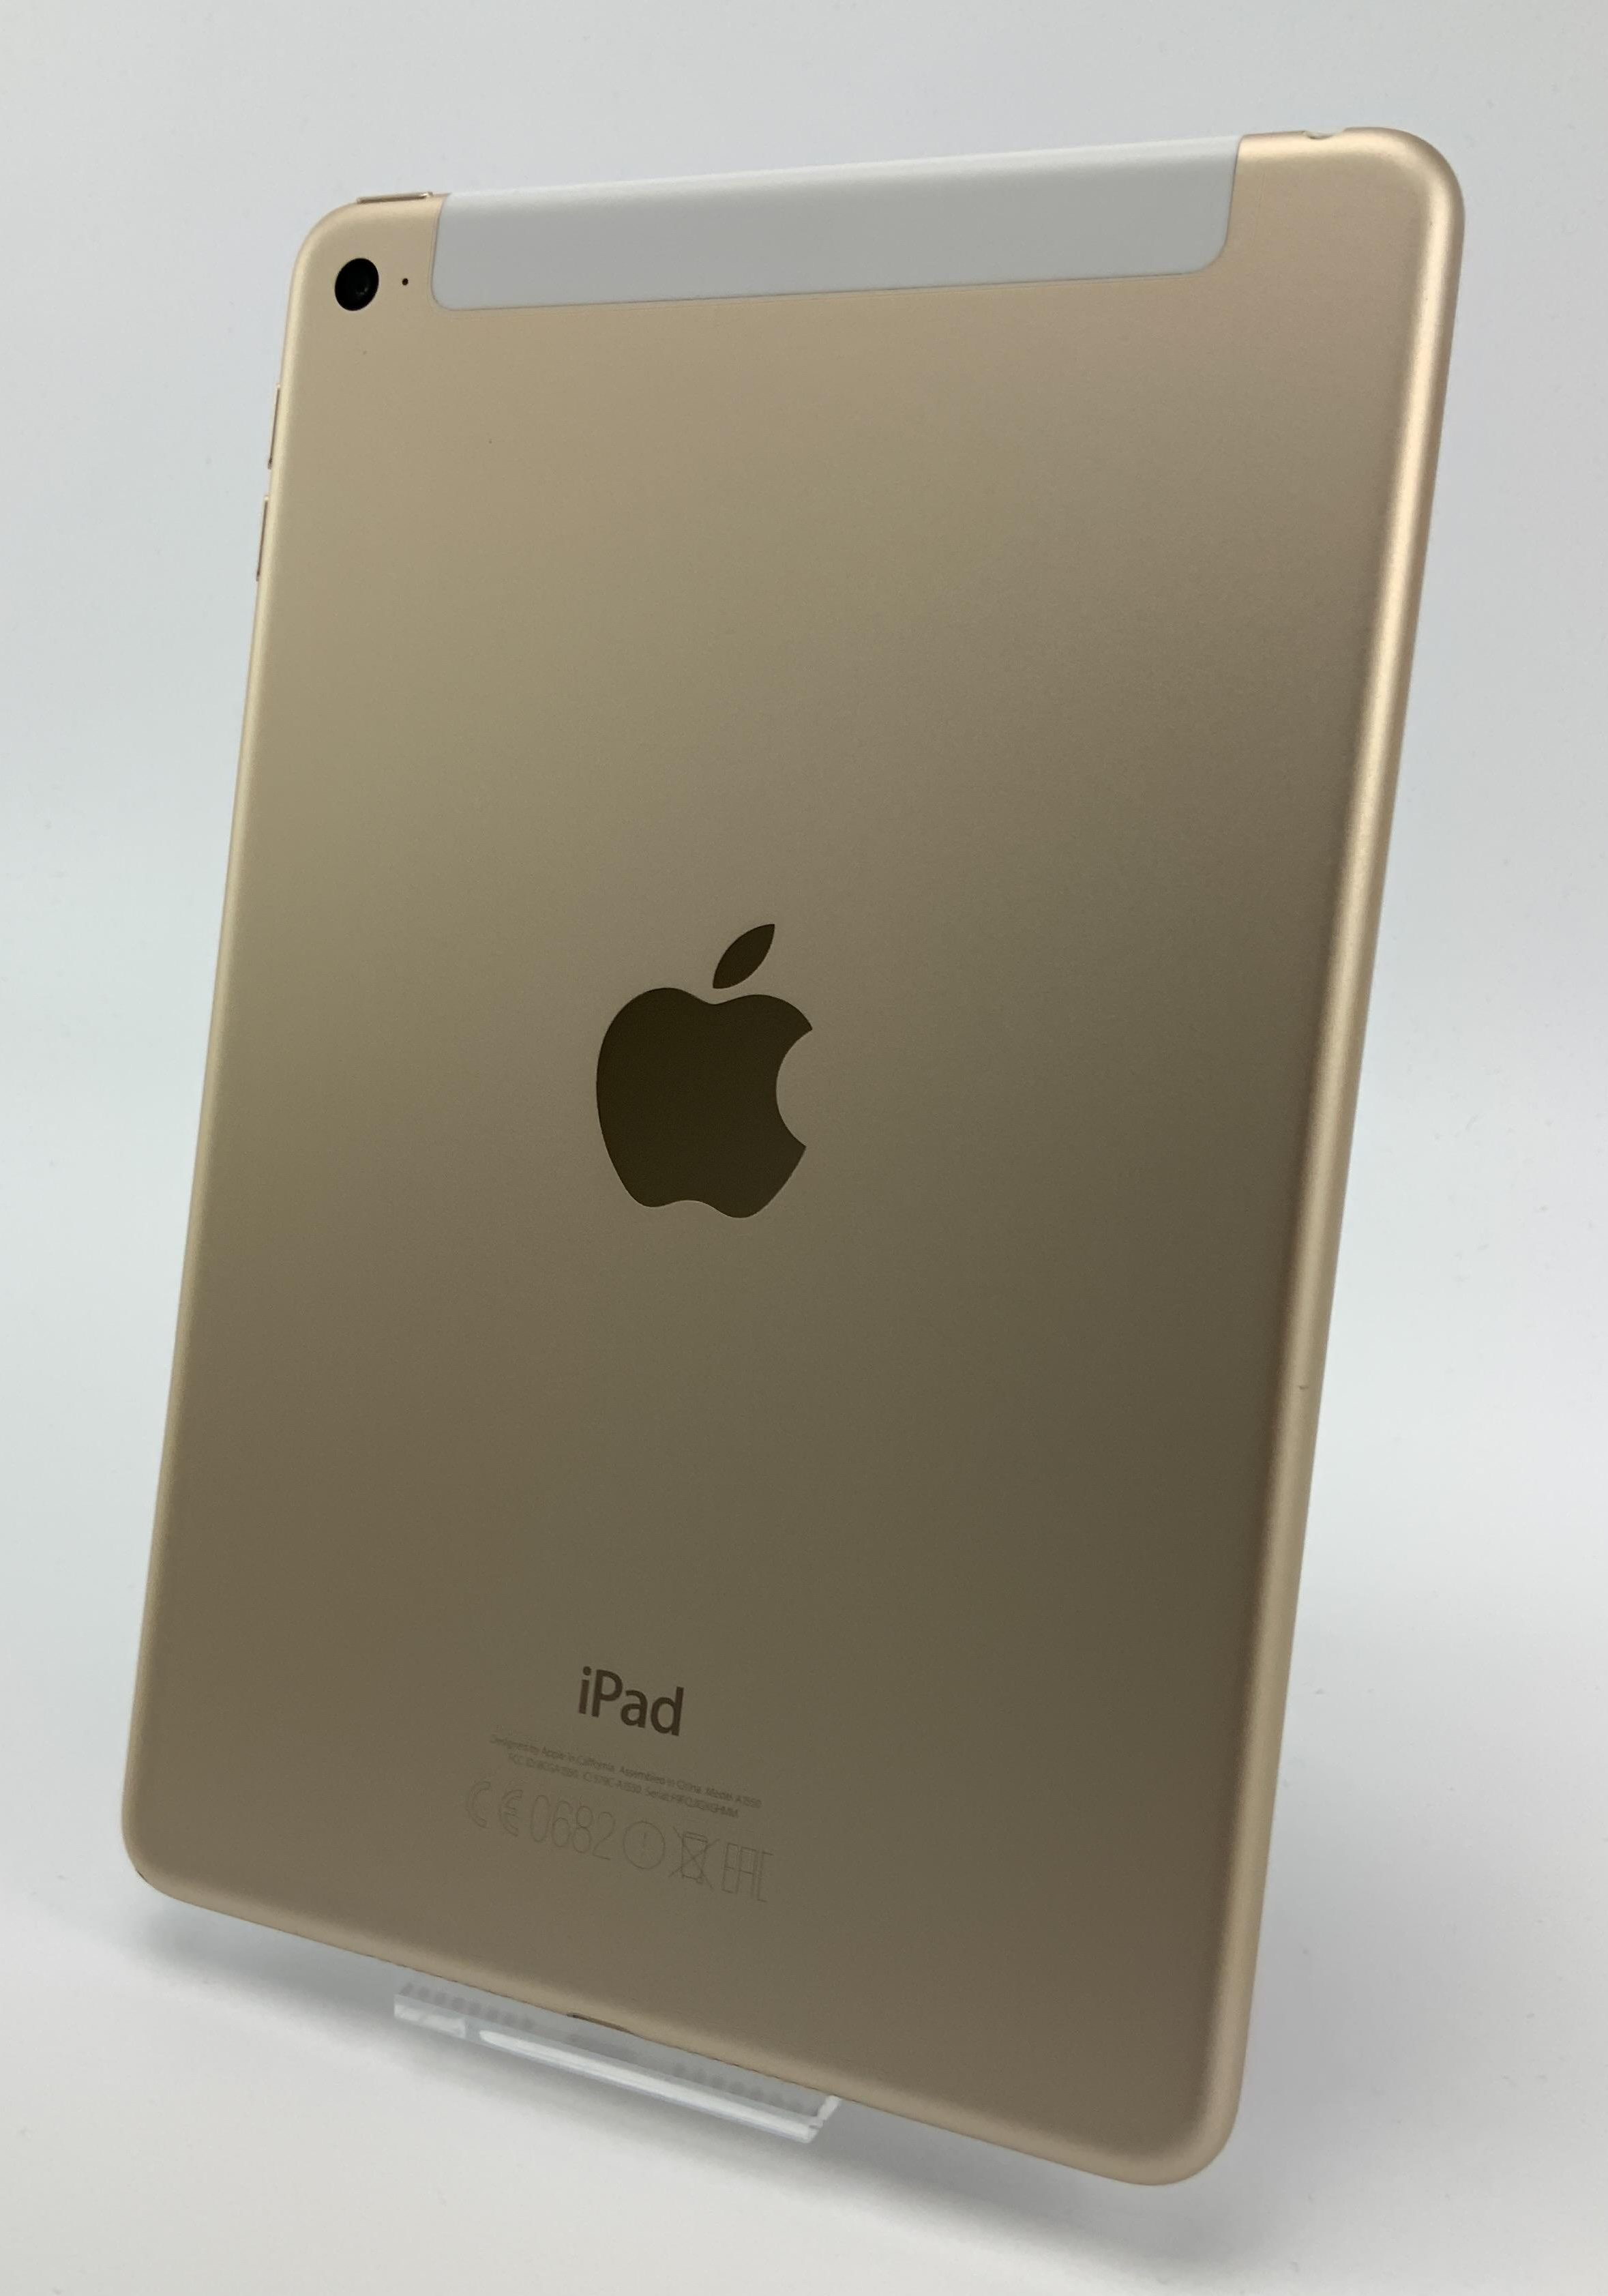 iPad mini 4 Wi-Fi + Cellular 64GB, 64GB, Gold, Kuva 2